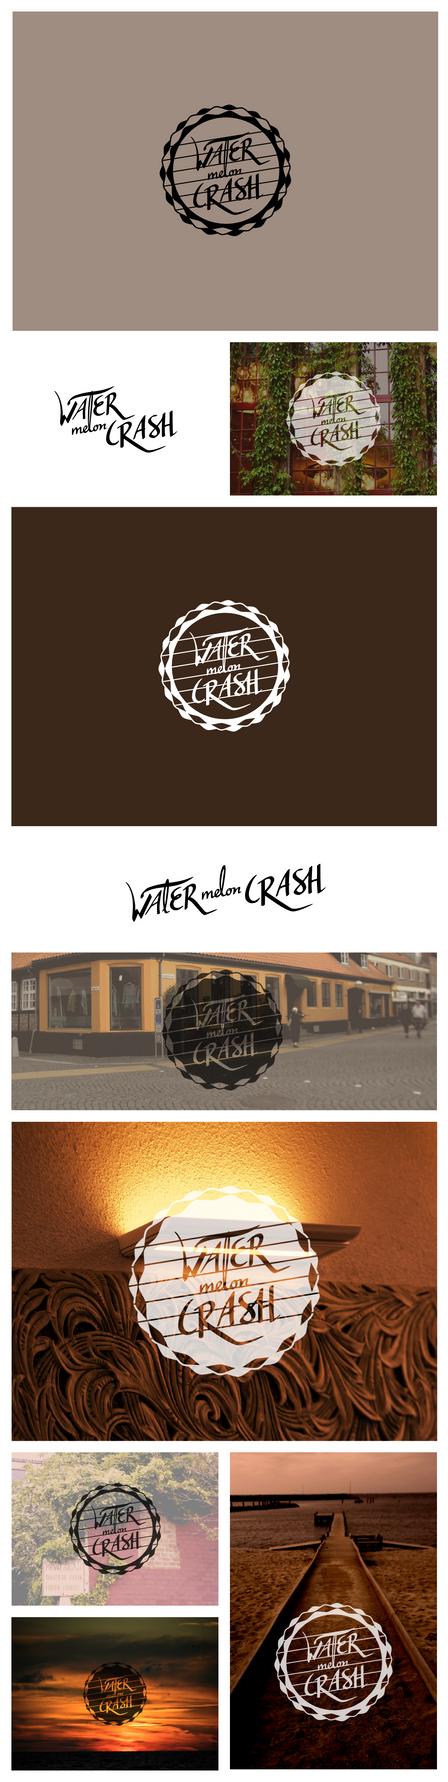 WATERmelon CRASH logo by Zalin